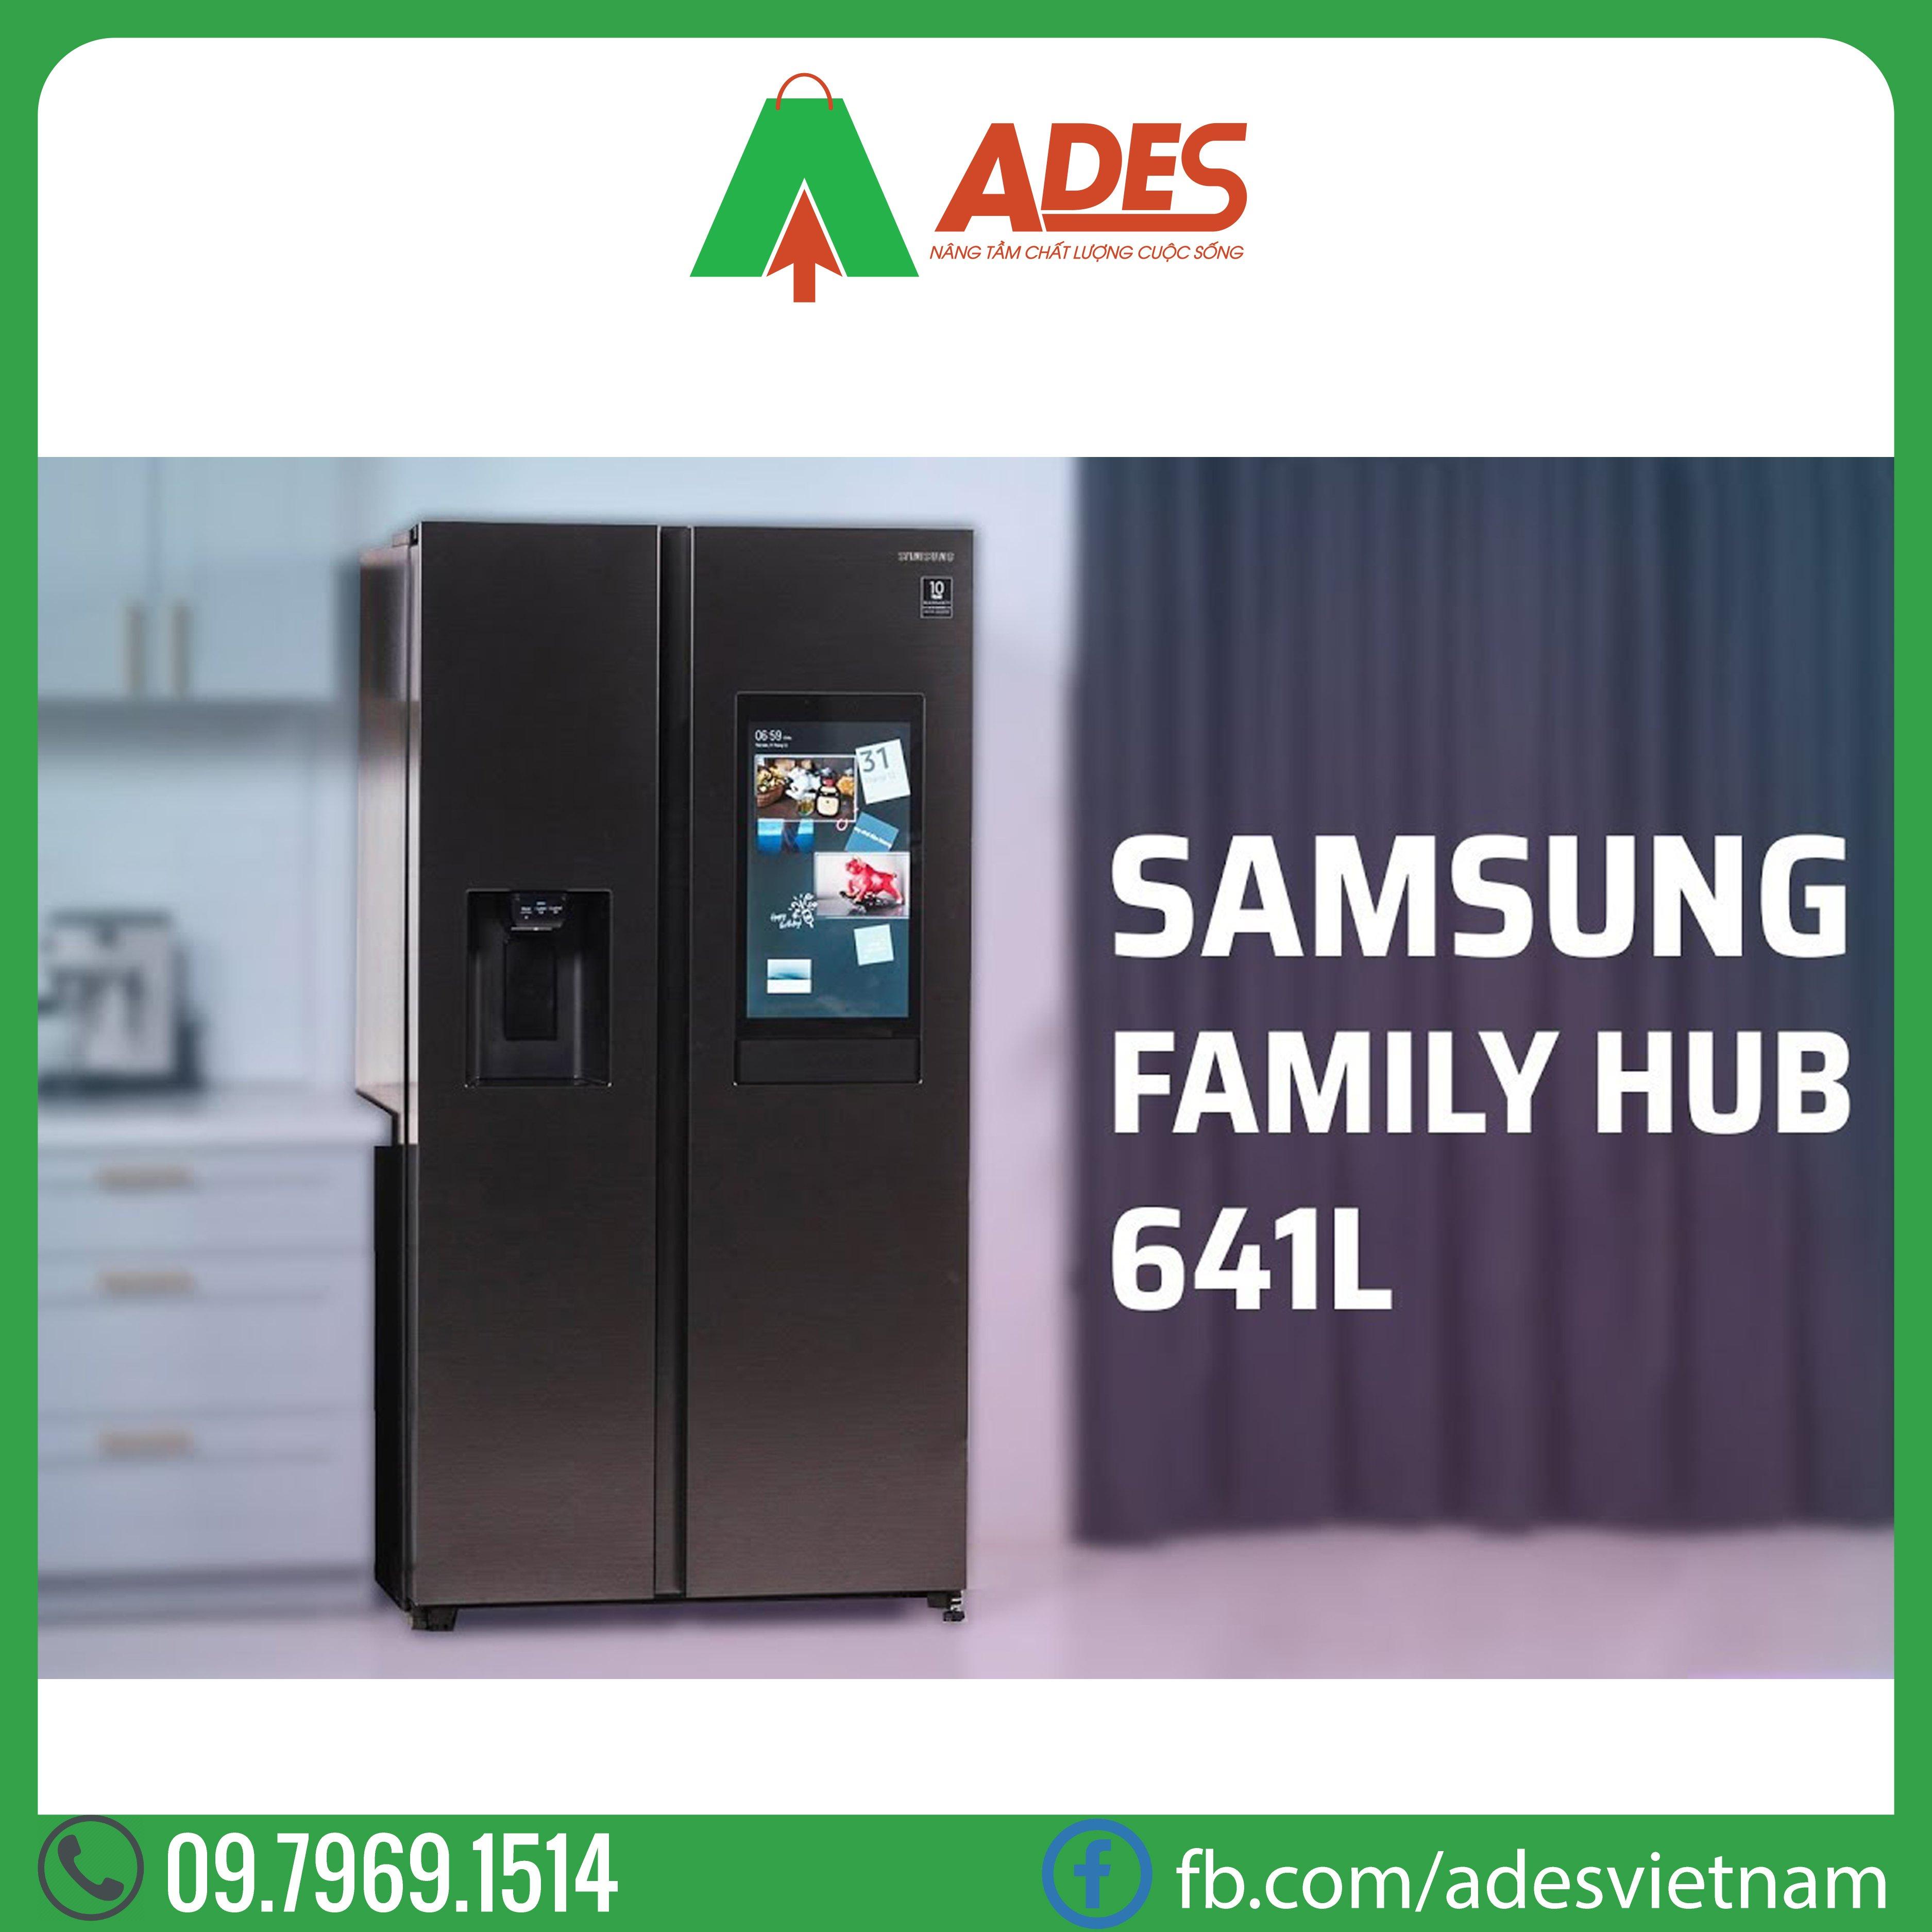 Tu lanh Samsung Family Hub 641L